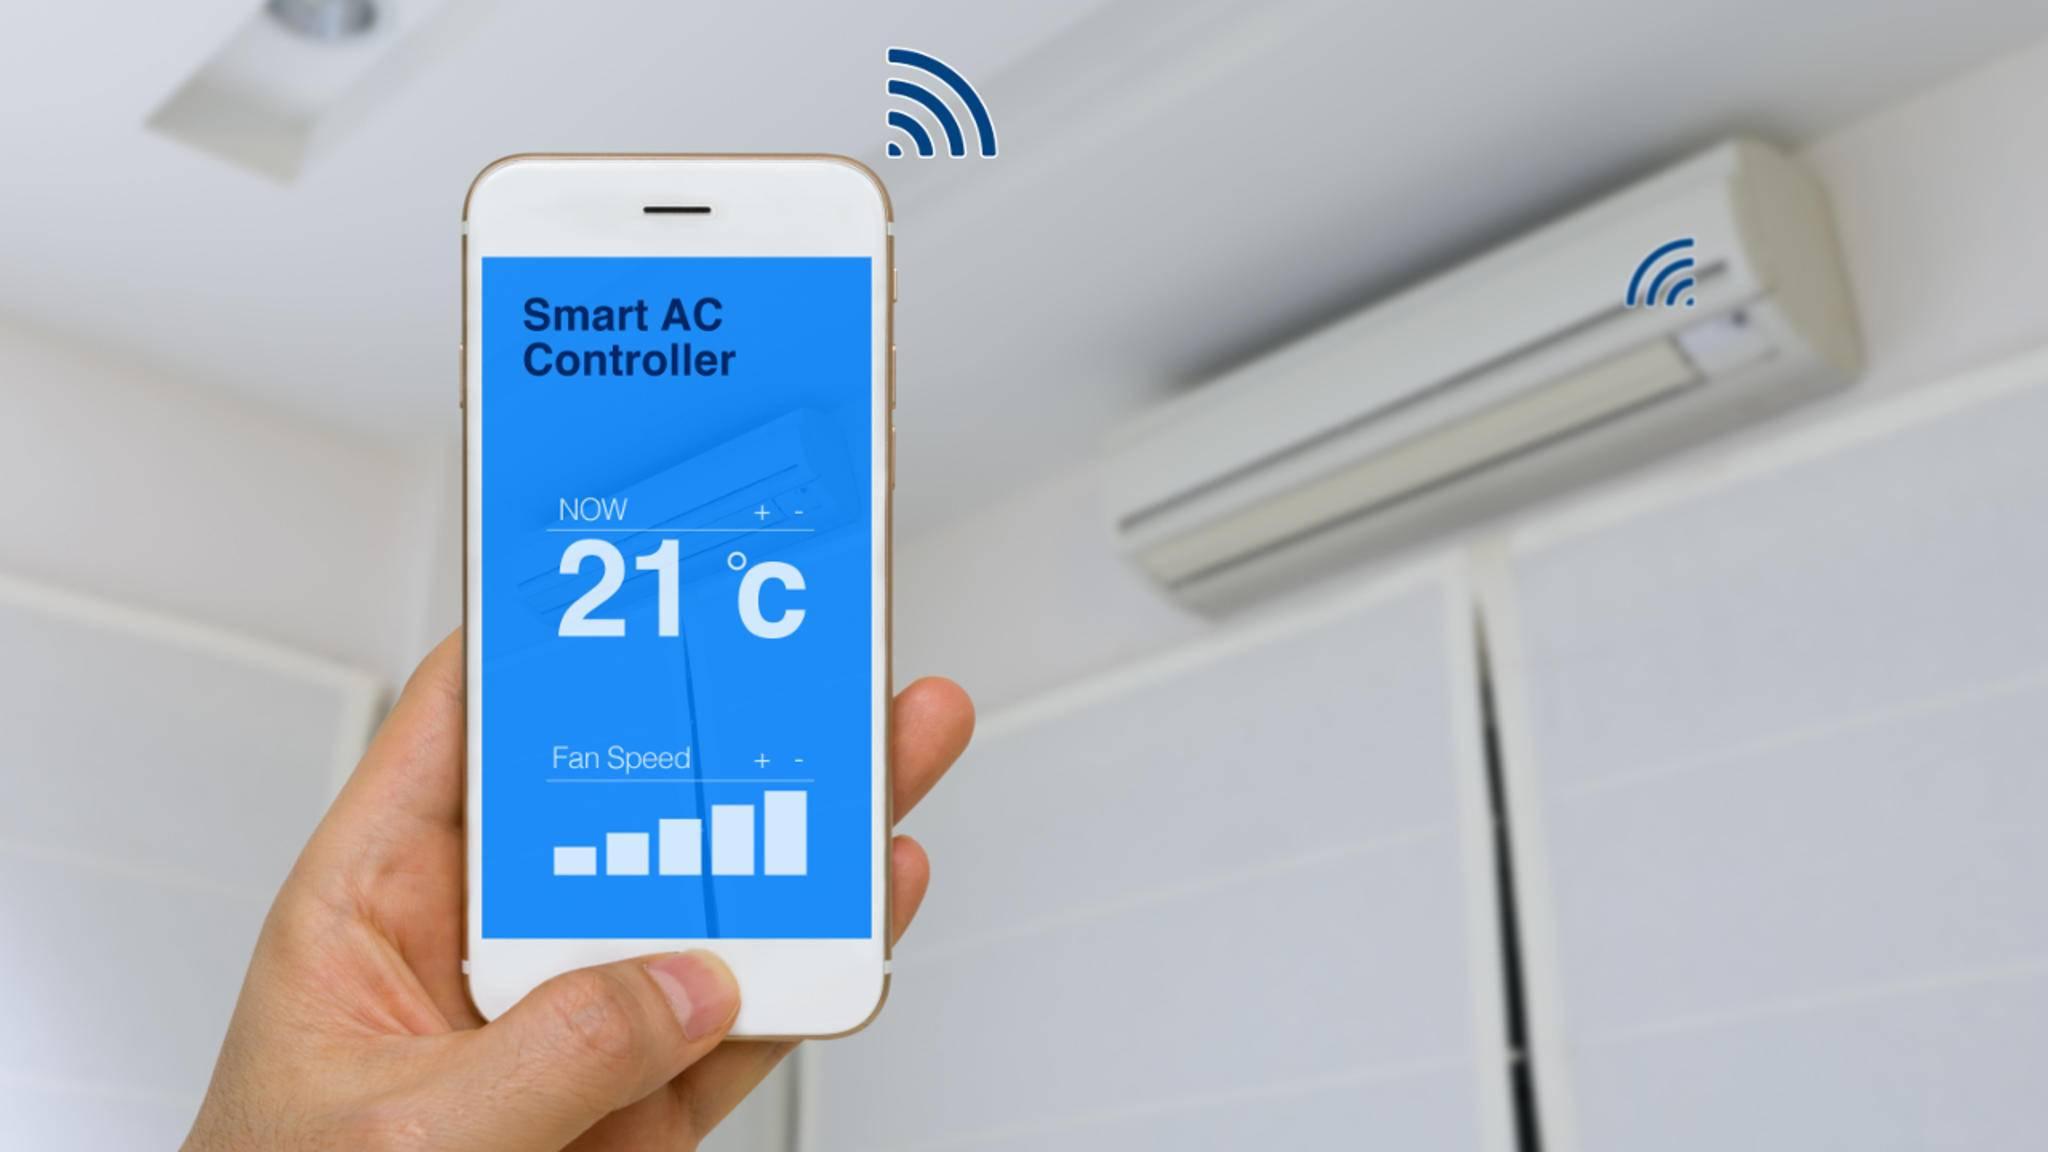 Mit der NFC-Technik wird das Smart Home noch komfortabler.